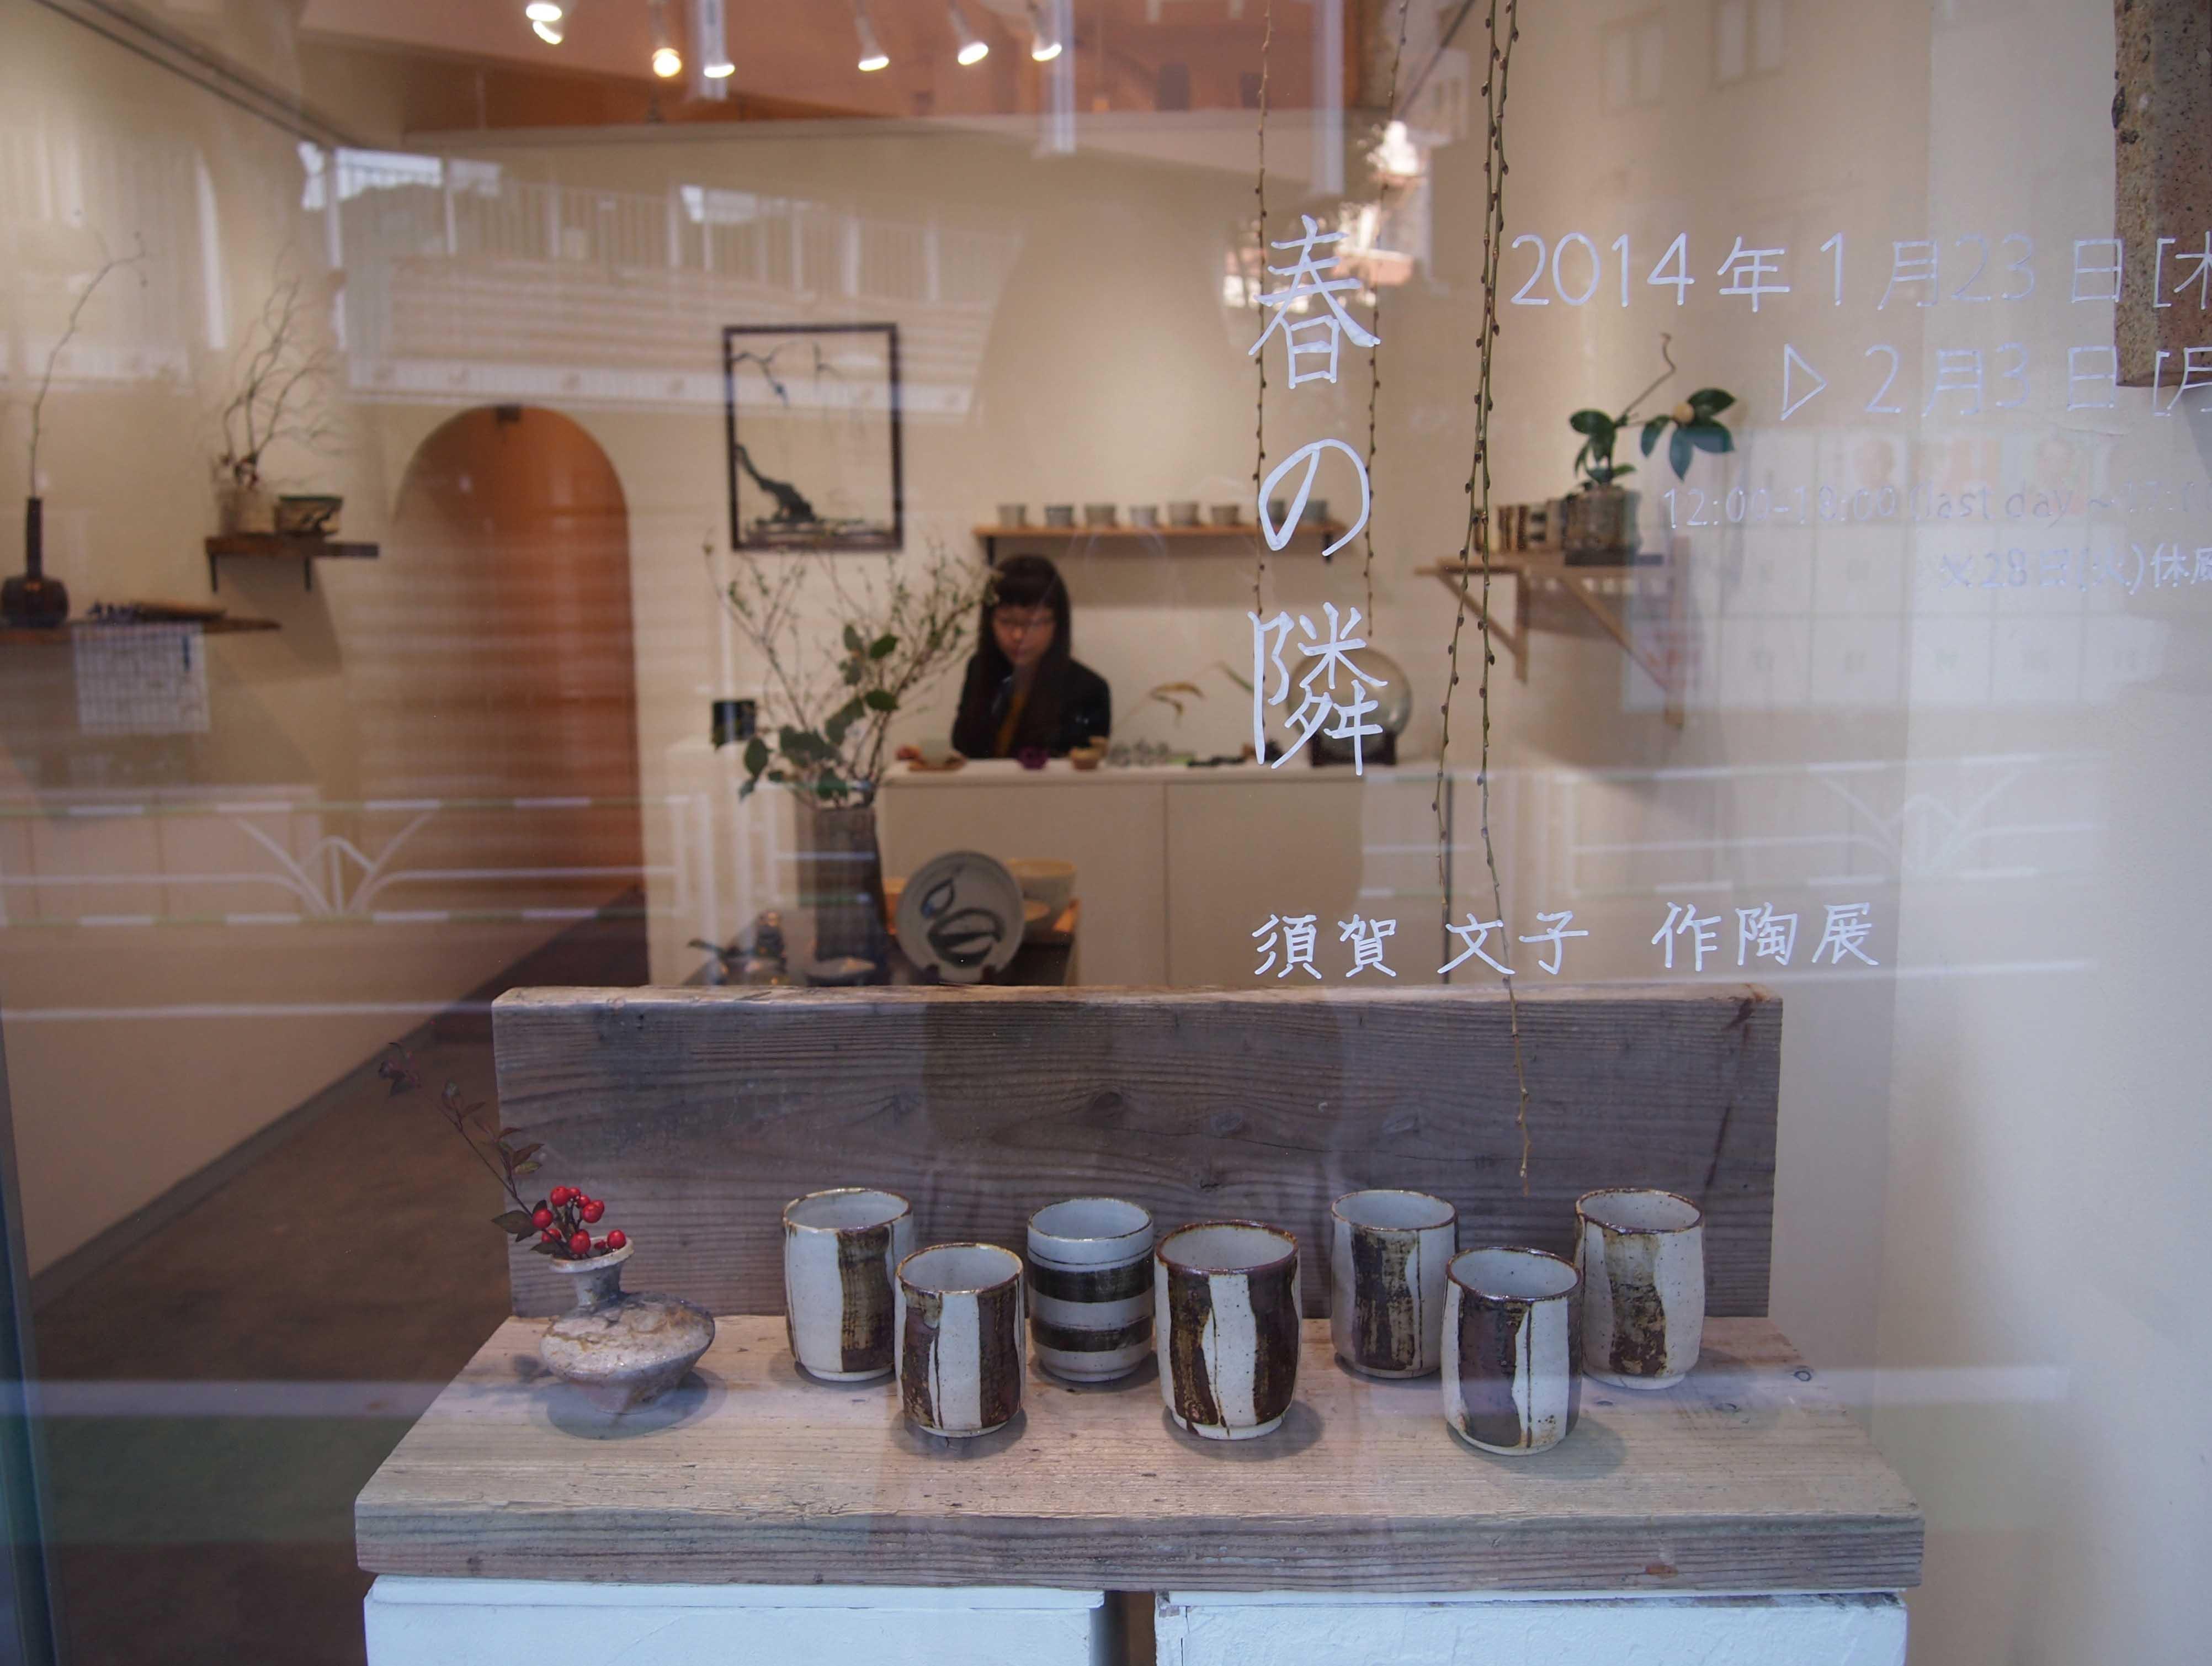 須賀文子作陶展「春の隣」@2日目_e0272050_1652350.jpg